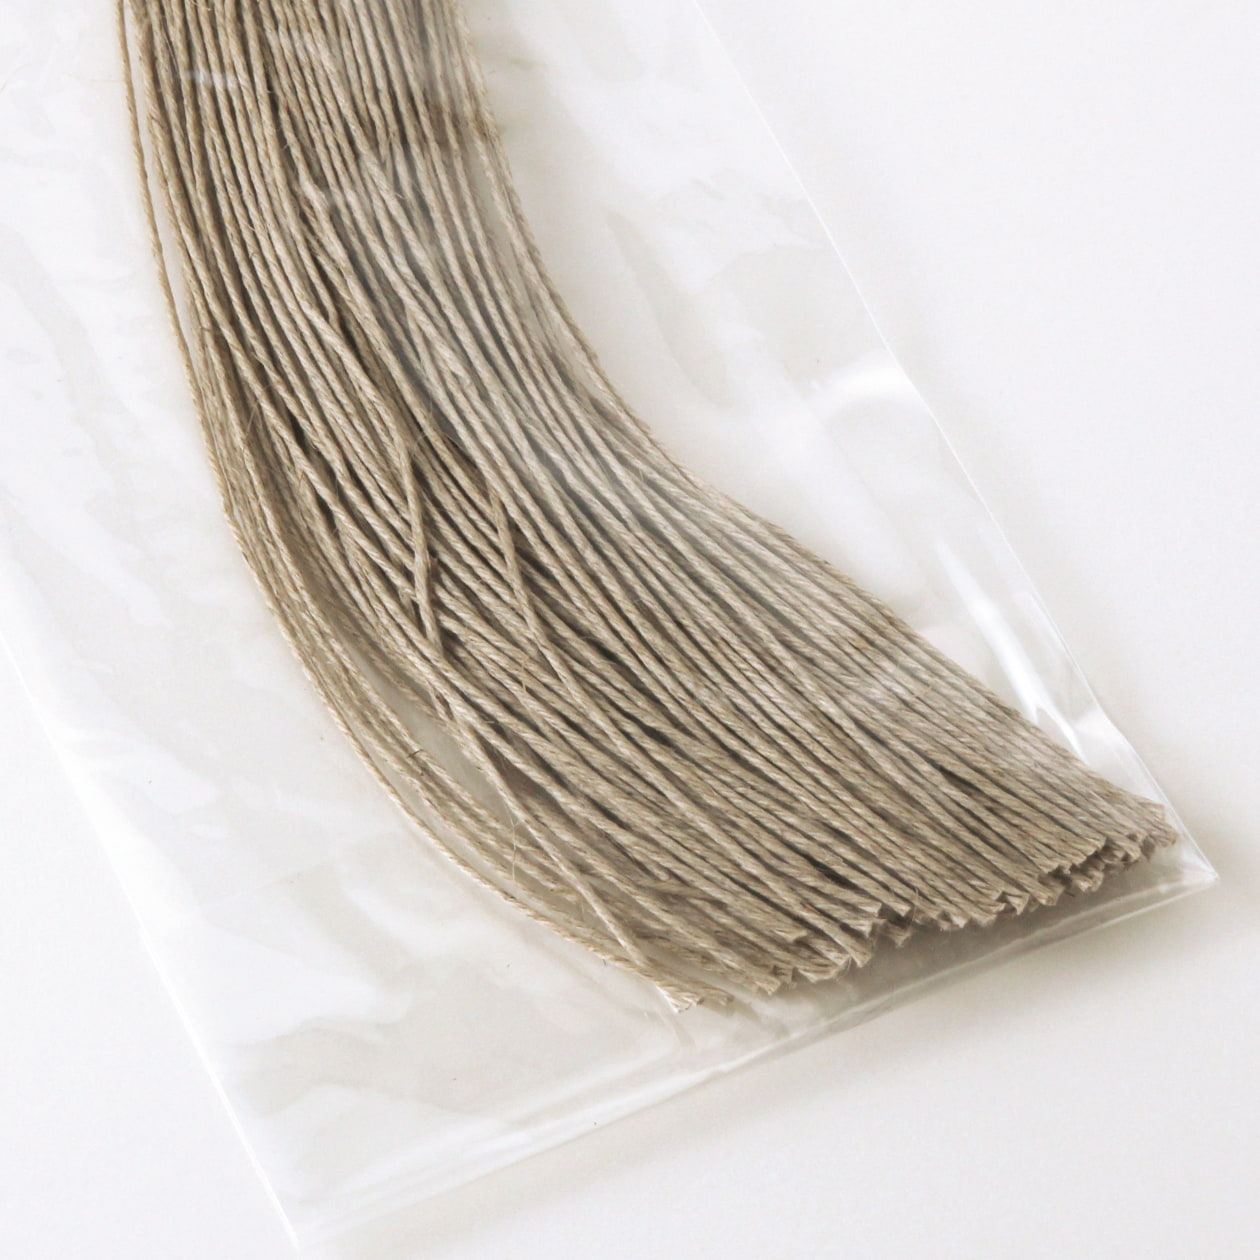 タグ紐 (細) 麻 30cm 100本入